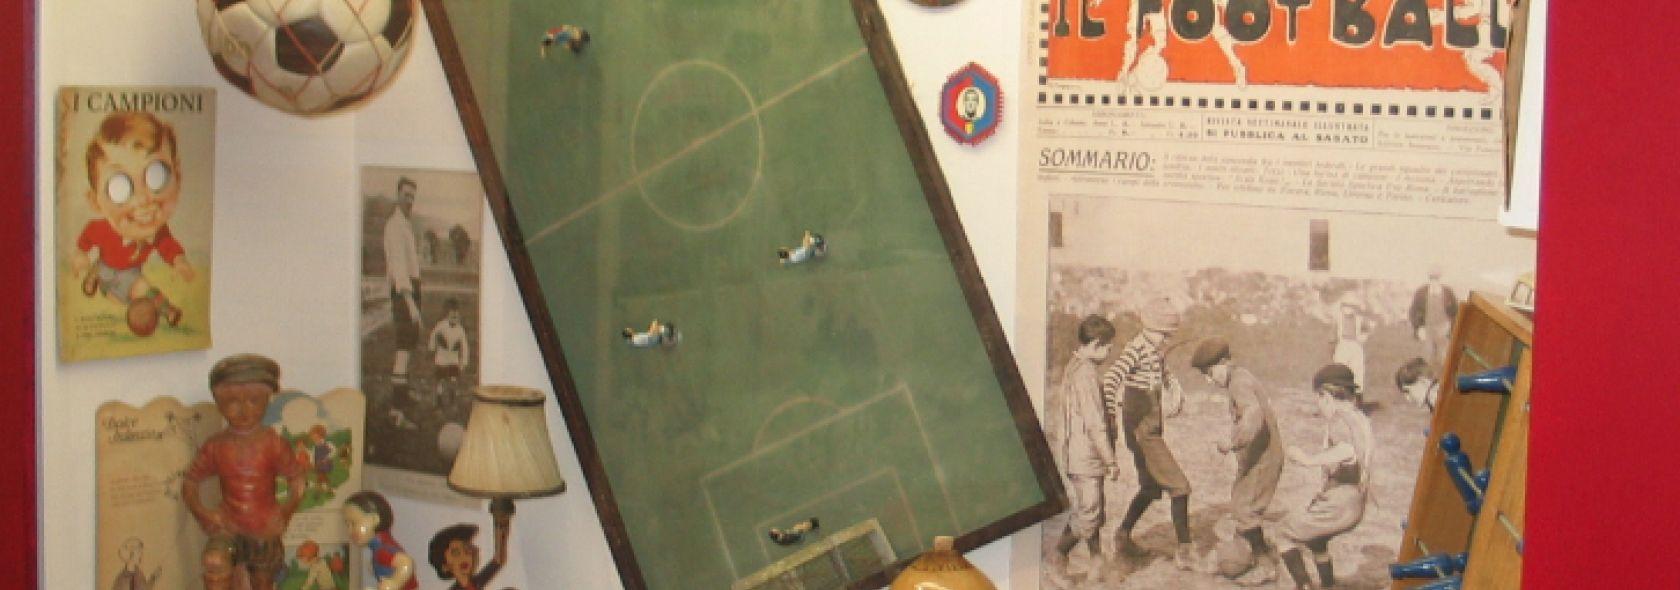 Museo della Storia del Genoa - Giochi d'epoca rossoblù